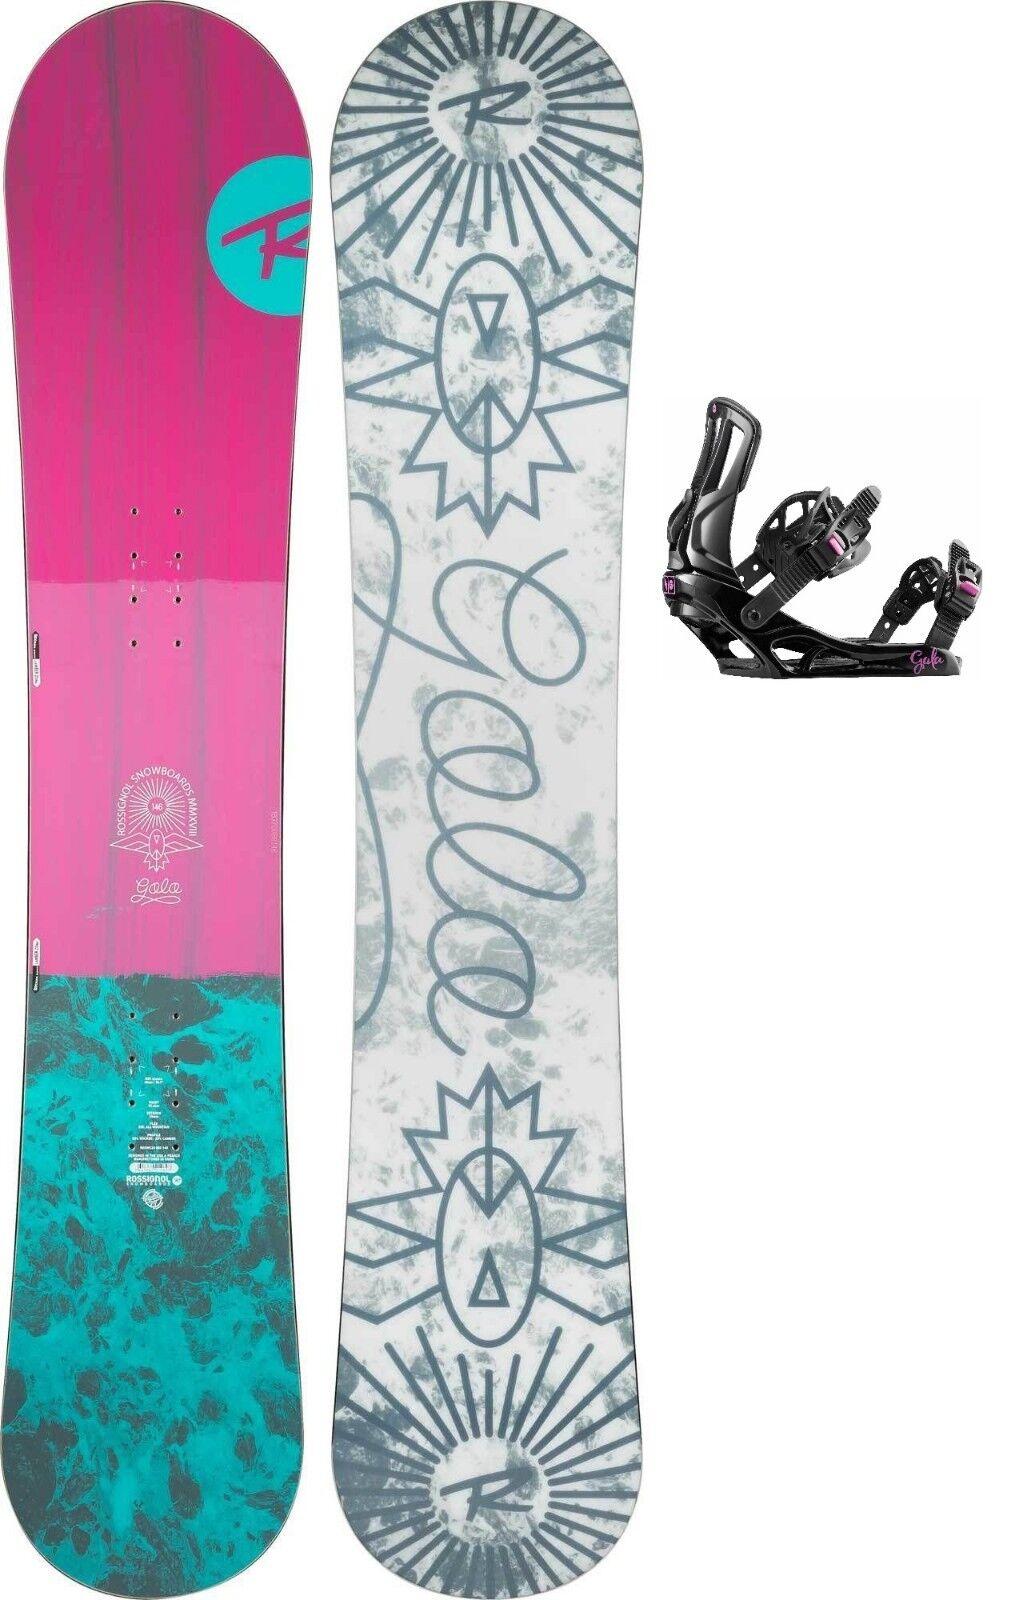 Tabla Snowboard Toda La Montaña Mujer ROSSIGNOL GALA + Gala S M 2019